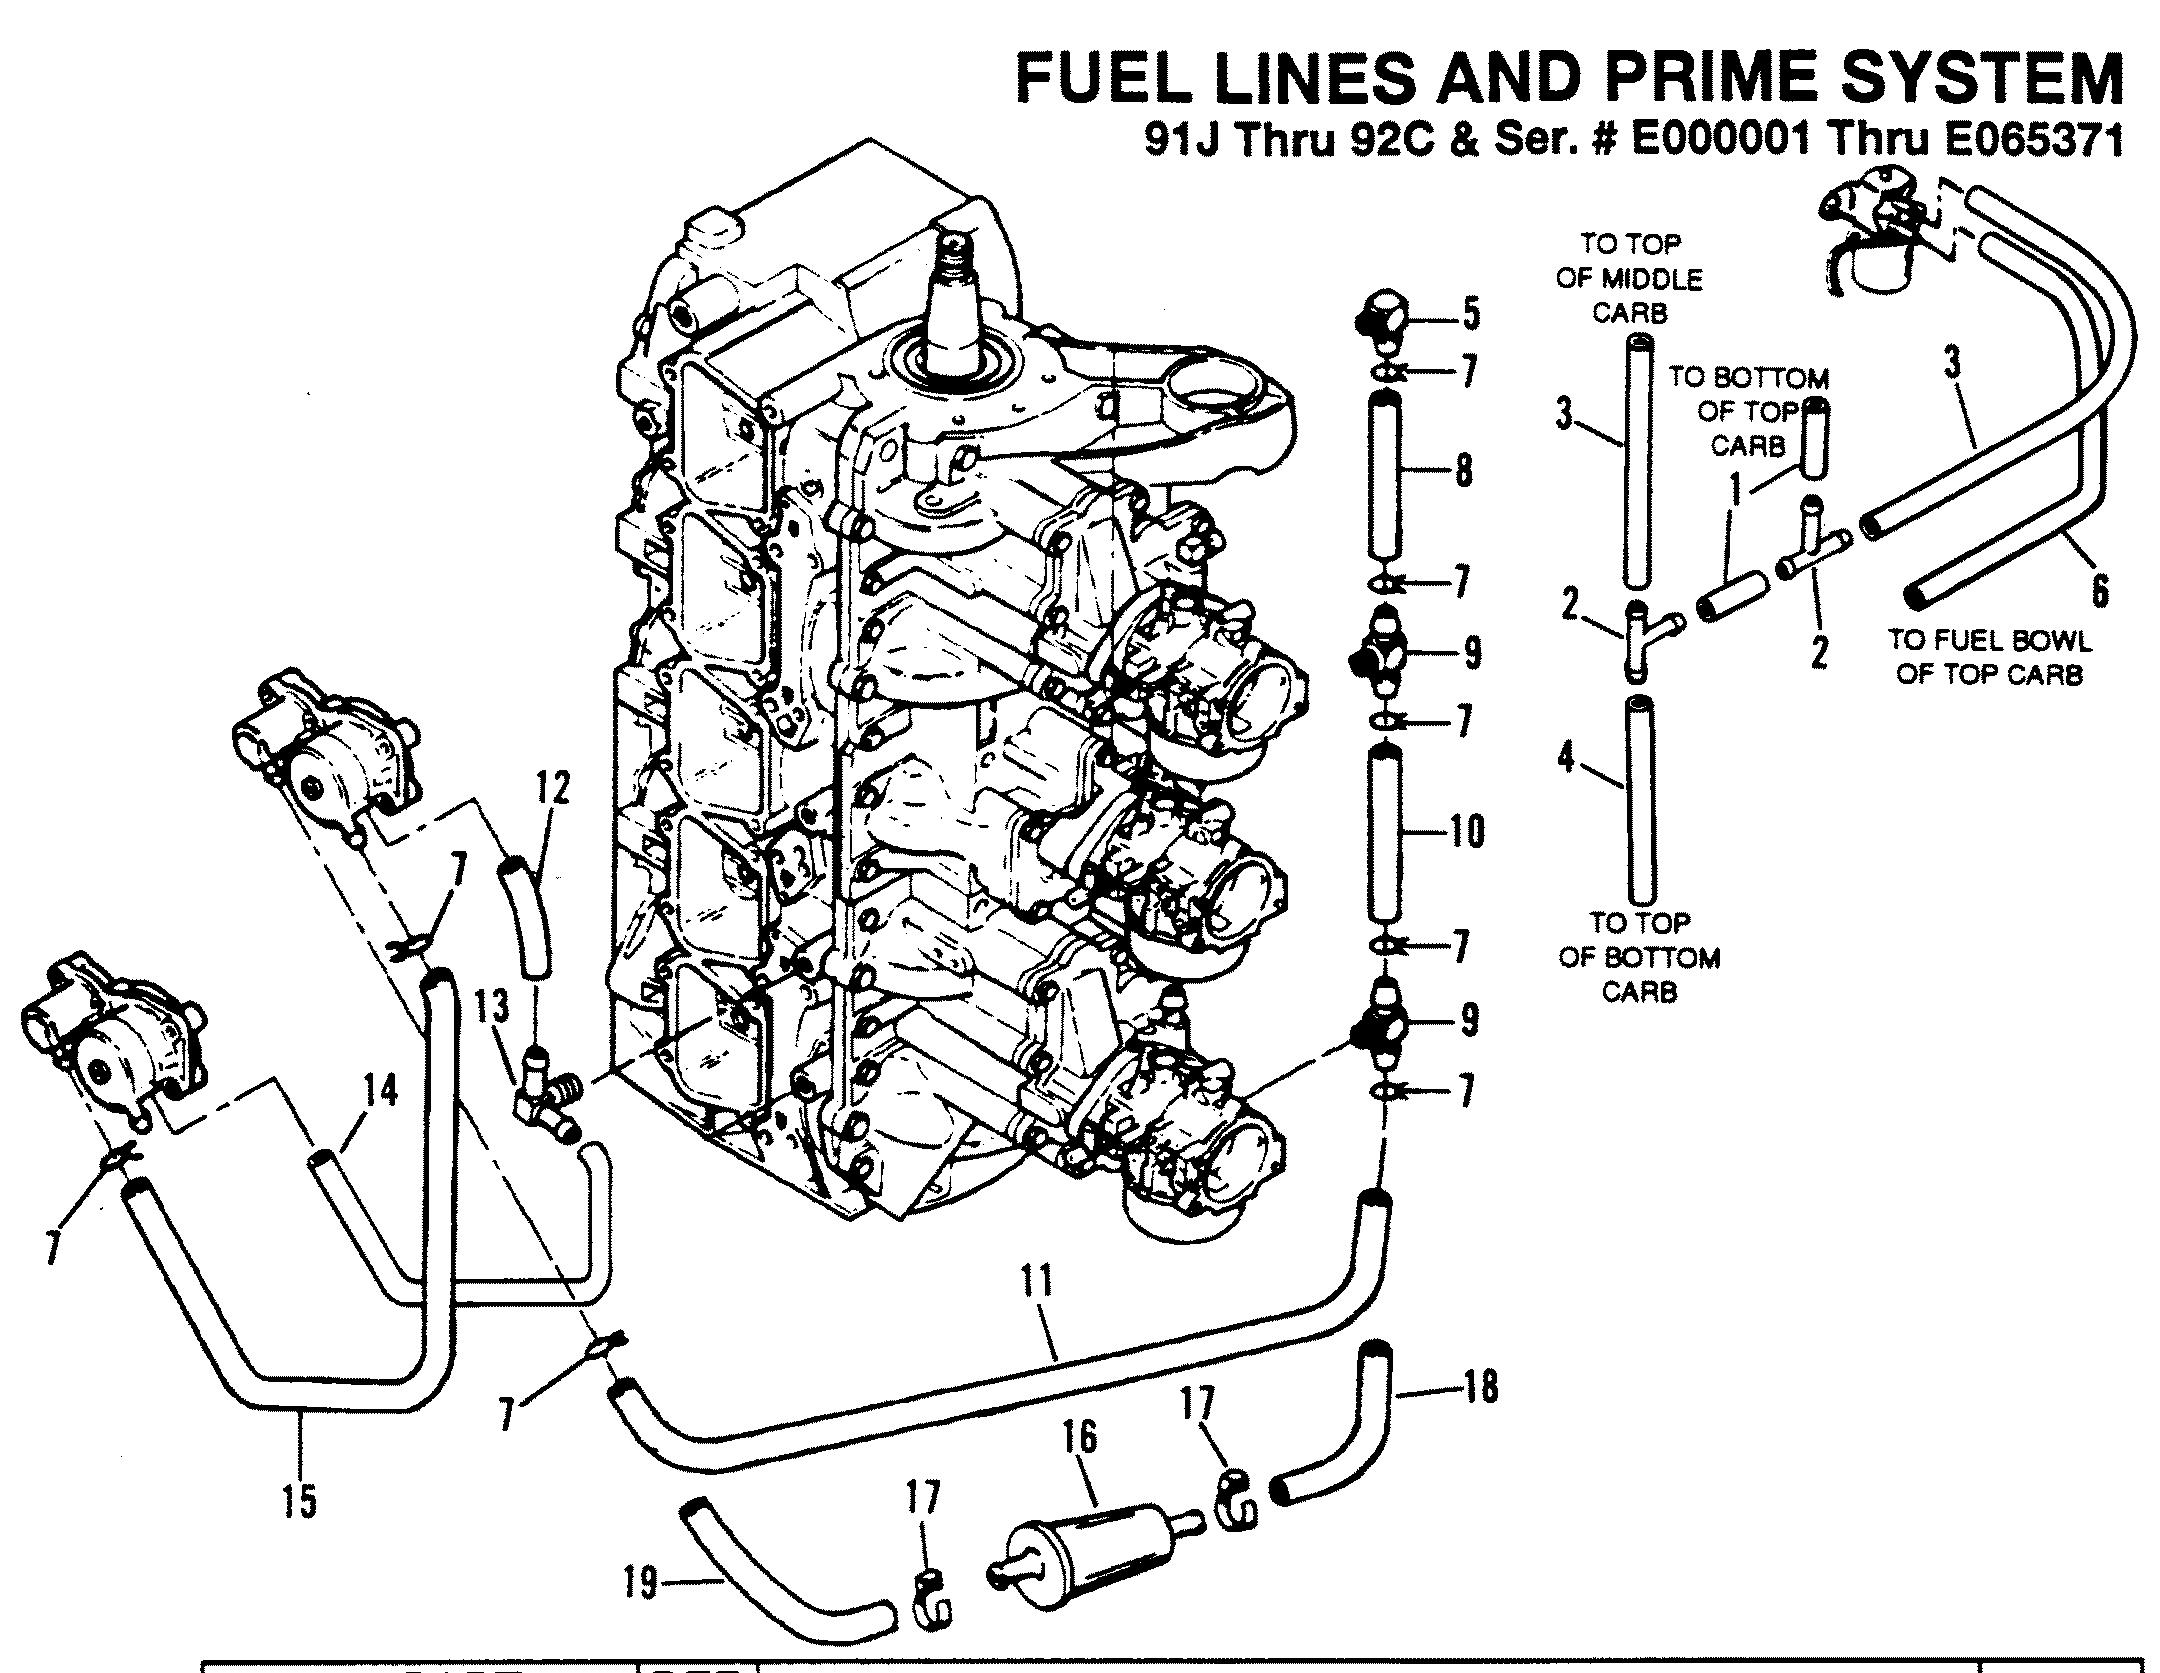 Mercury | FORCE | 150 H.P. (1989-1992) | 1989-A THRU 1992-C | FUEL PRIME  SYSTEM (91J Thru 92C - 0E000001 Thru 0E065371)